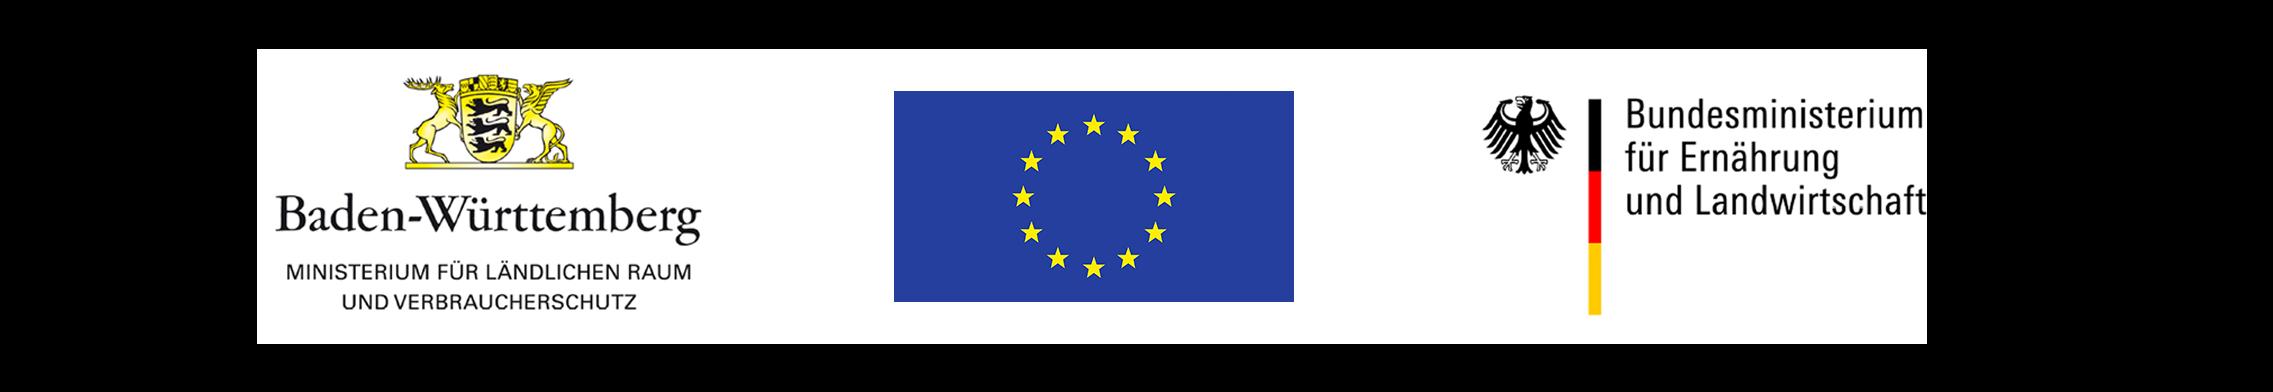 Logos_EU_Foerderung_03